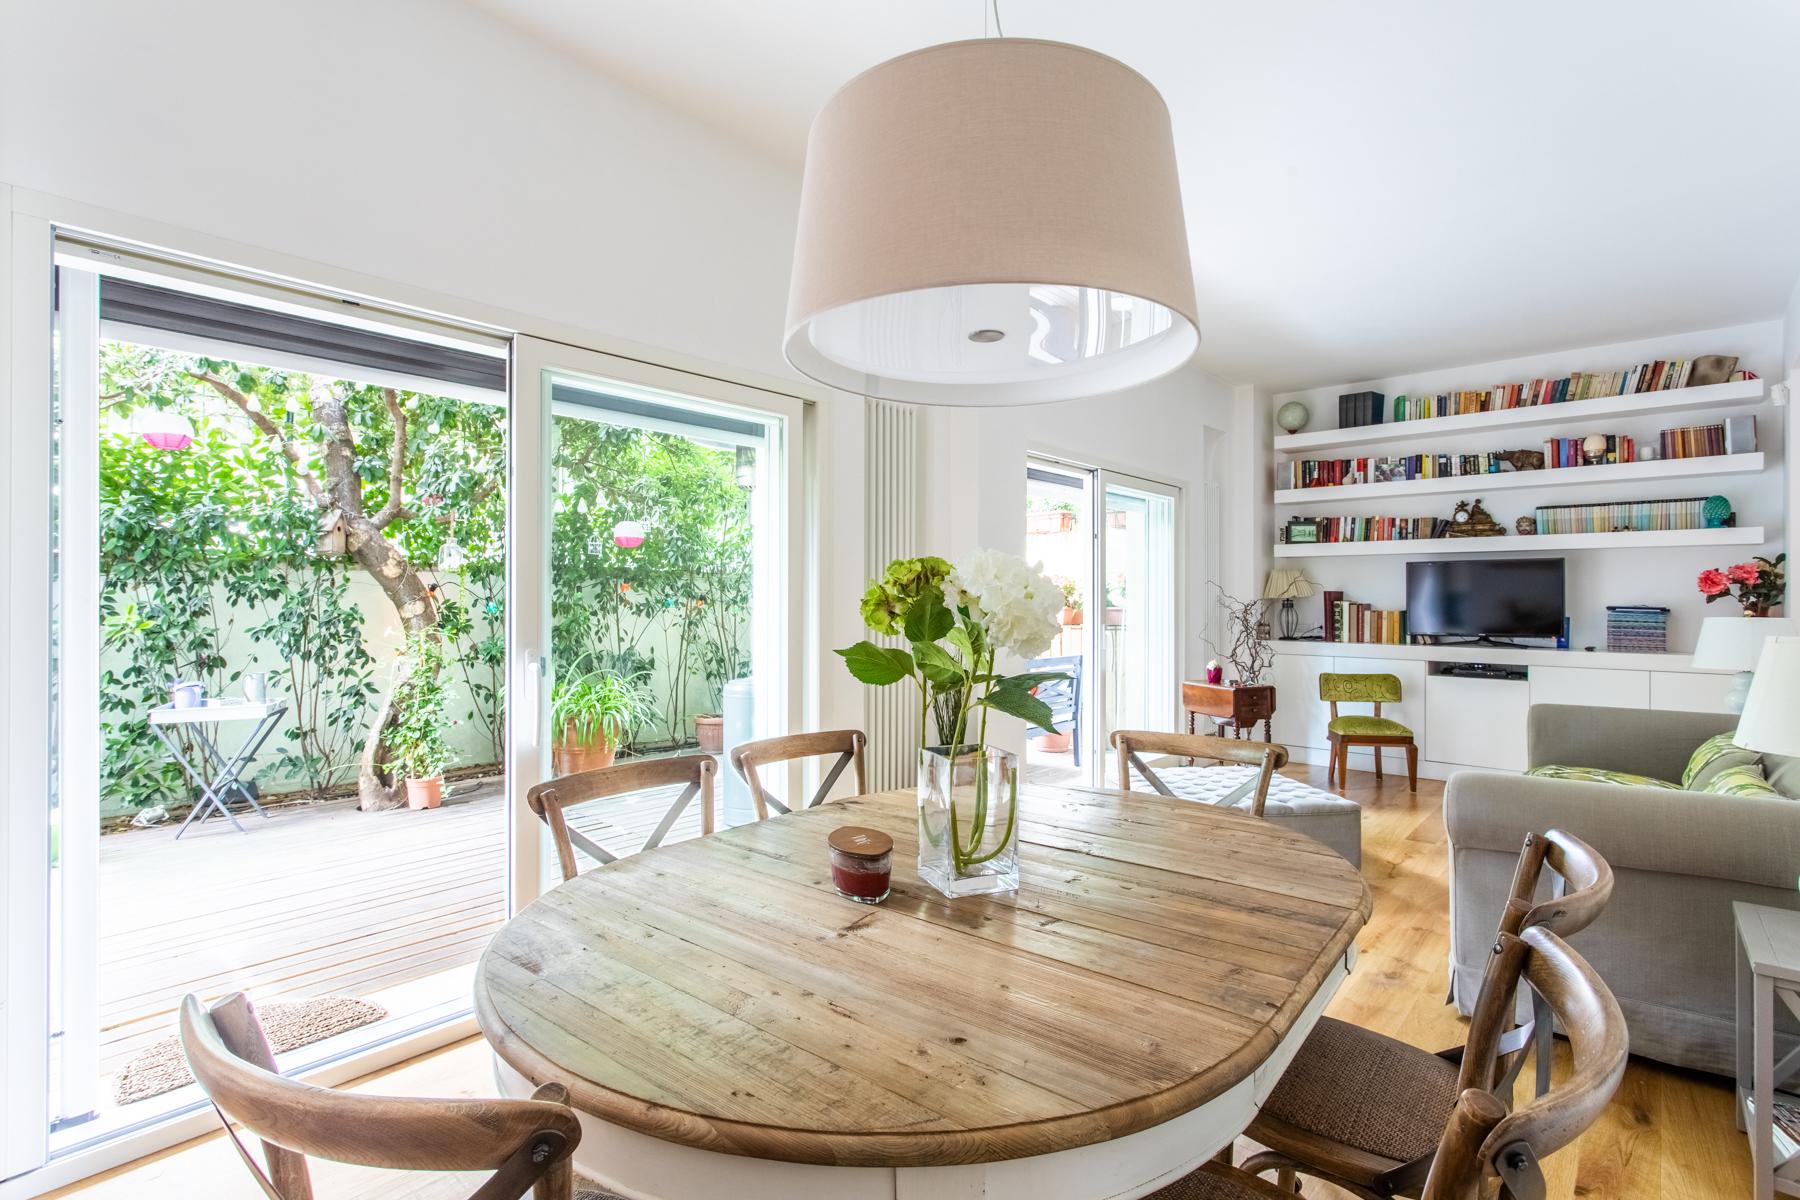 Appartamento in Vendita a Roma 18 Aventino / San Saba: 5 locali, 100 mq